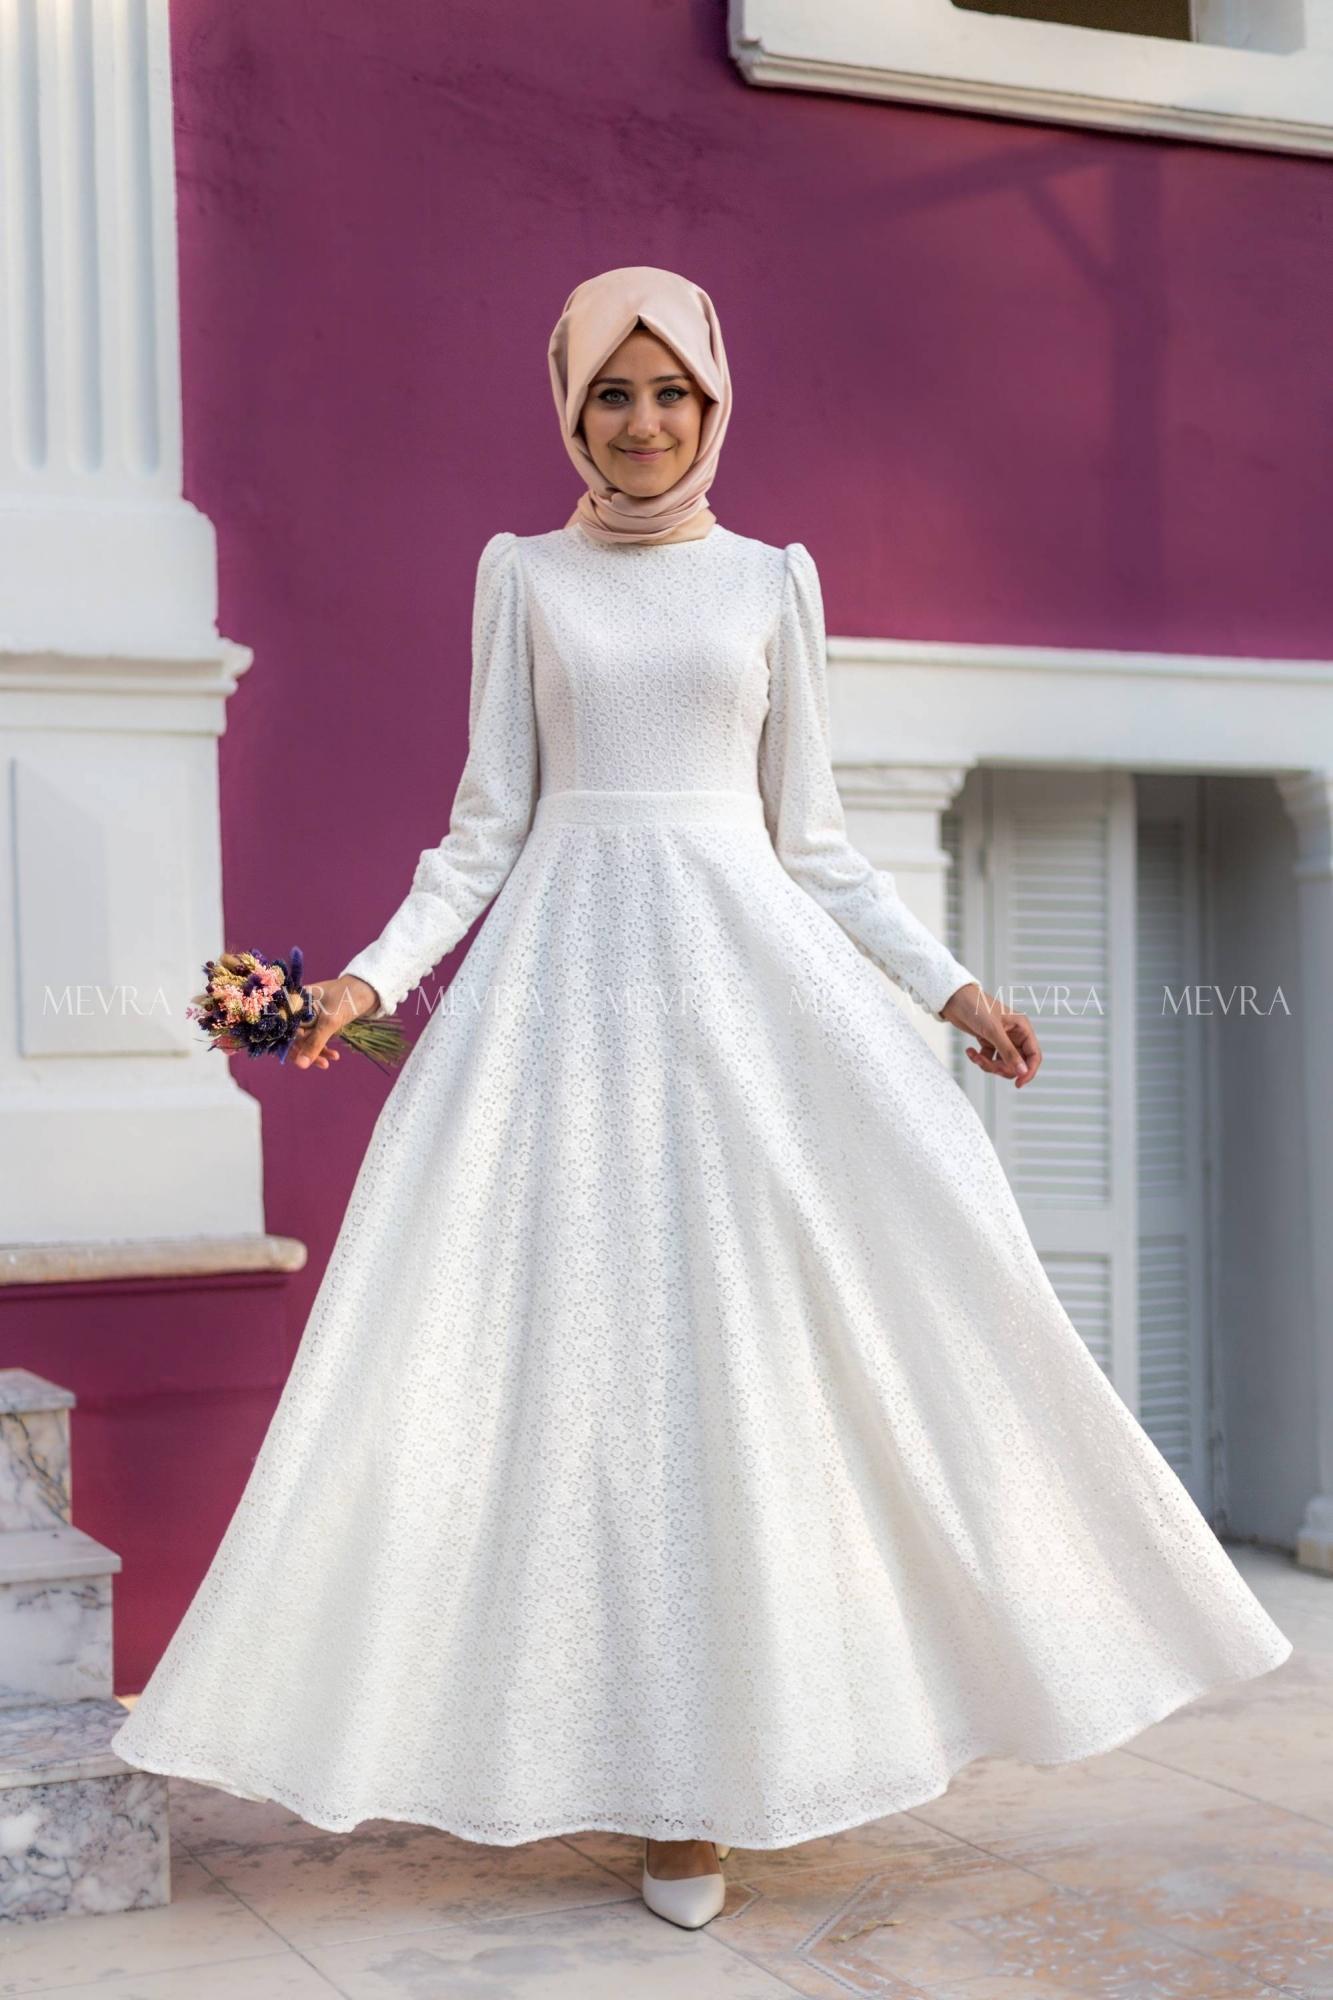 969a774b82b93 Tesettür Nikah Elbisesi Modelleri | Her Güne Bir Yudum Bilgi